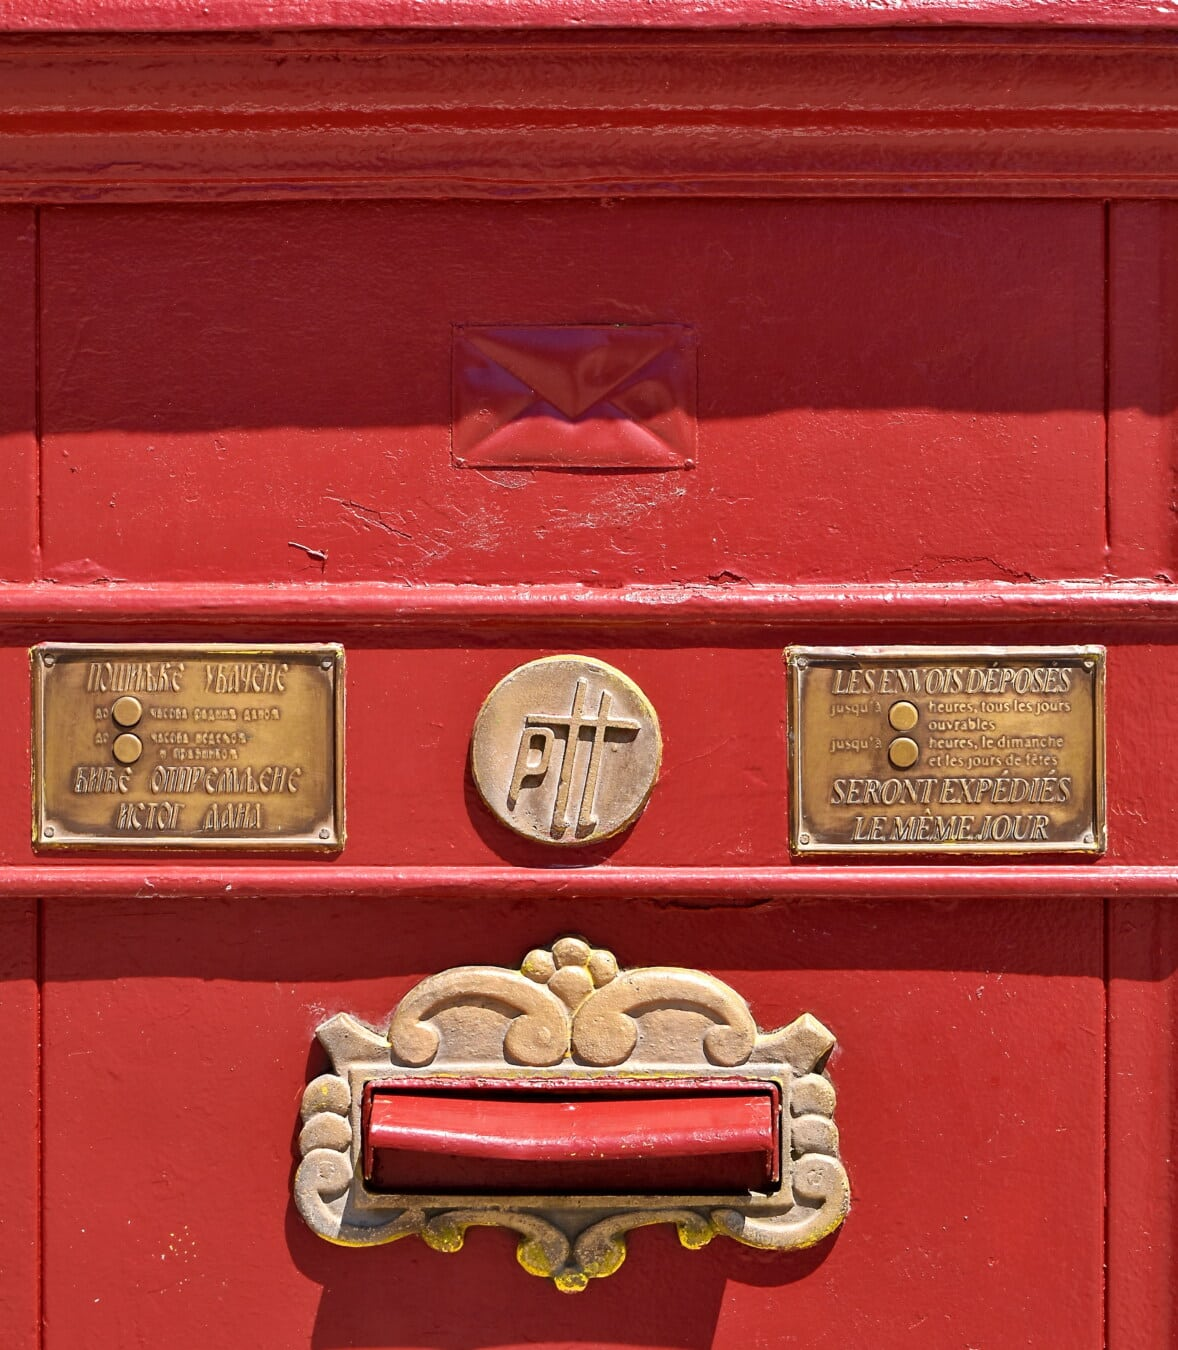 邮件插槽, 铸铁, 红, 年份, 邮箱, 油漆, 电报, 黄铜, 符号, 金属